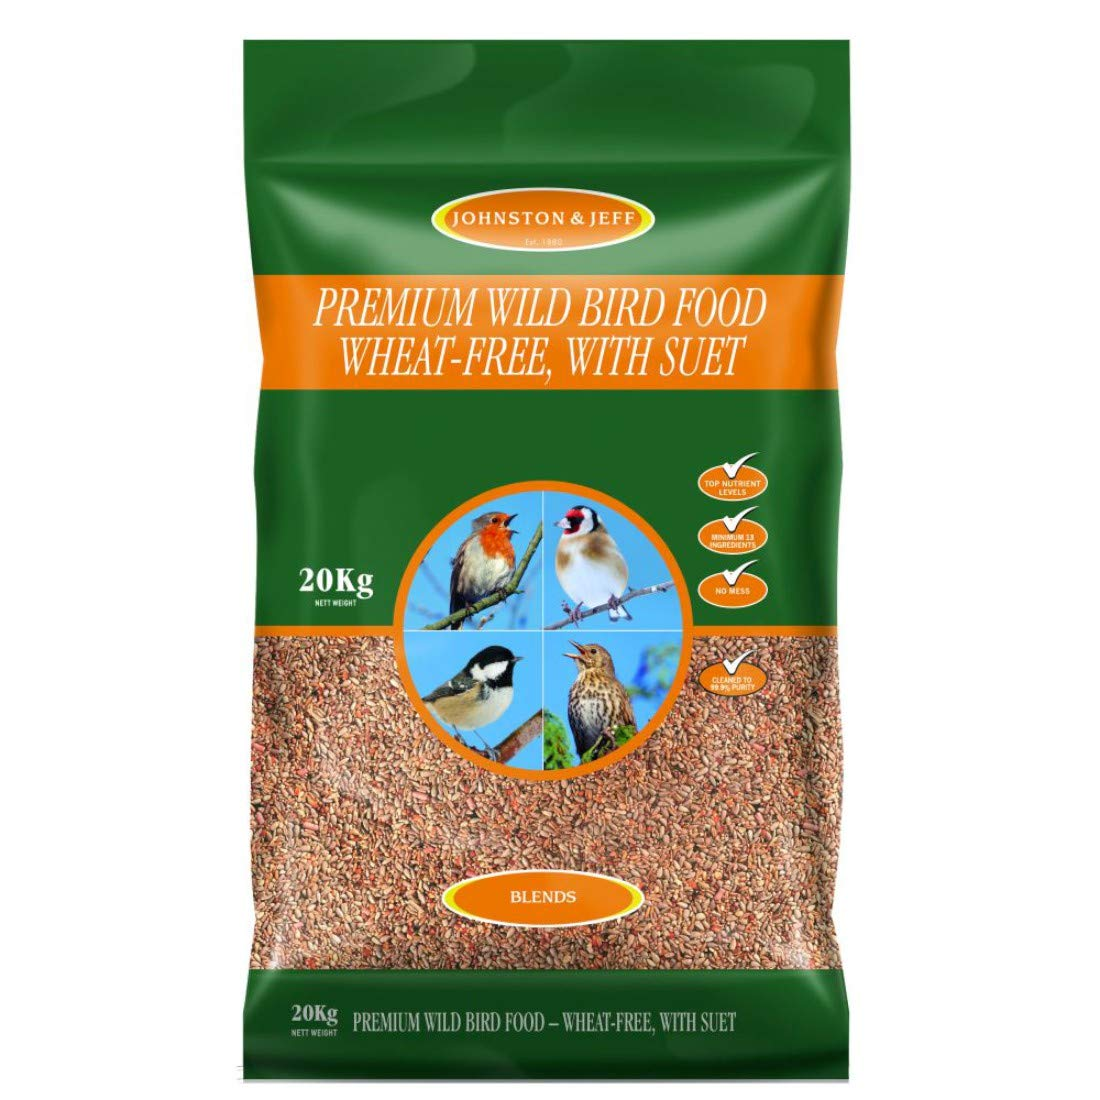 Johnston & Jeff Premium Wild Bird Food, 20 kg 08JJ12